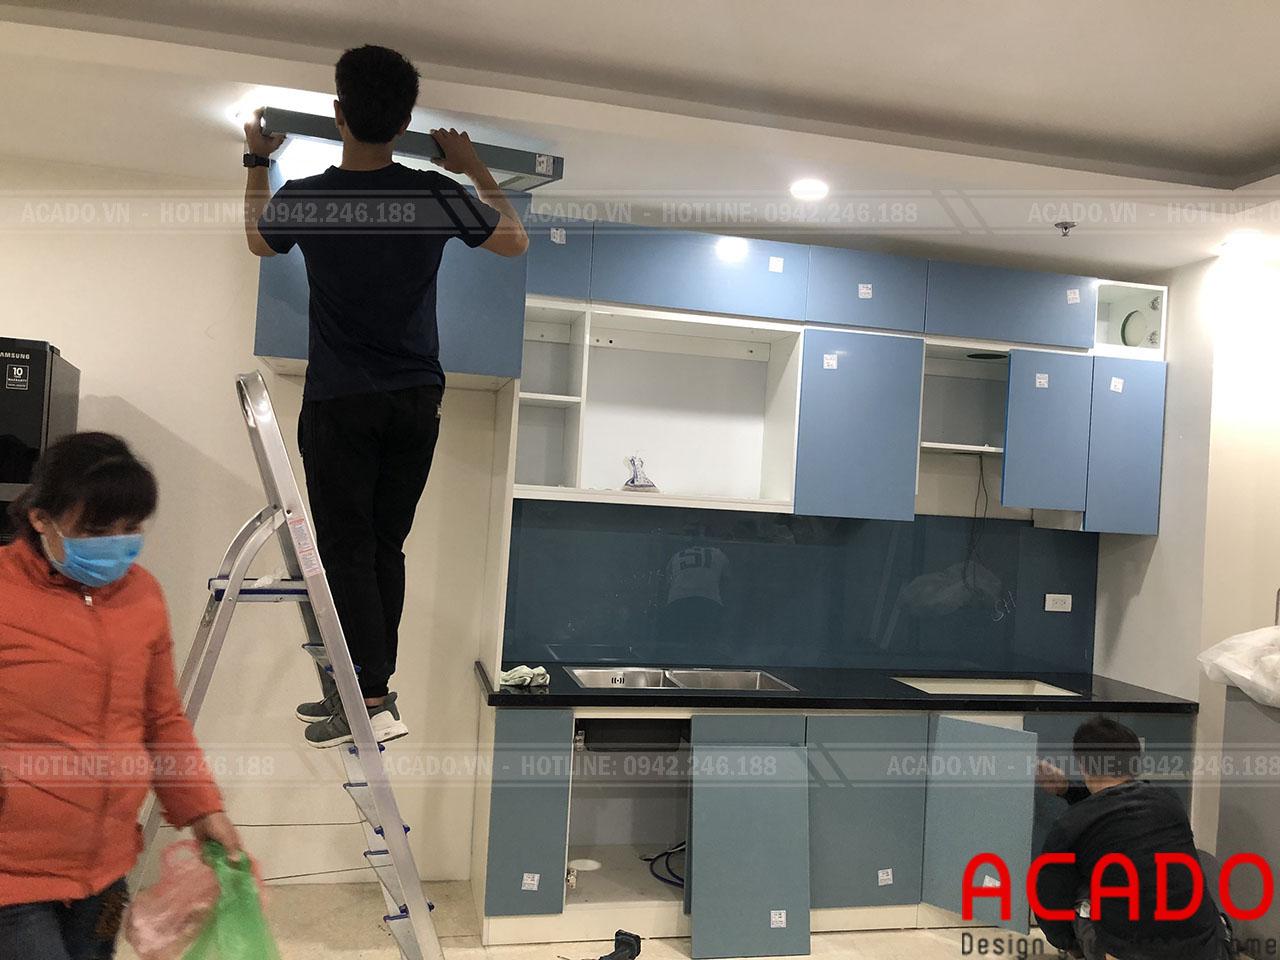 Tủ bếp của gia đình anh Kiệm đang nhanh chóng được hoàn thiện - Nội thất ACADO